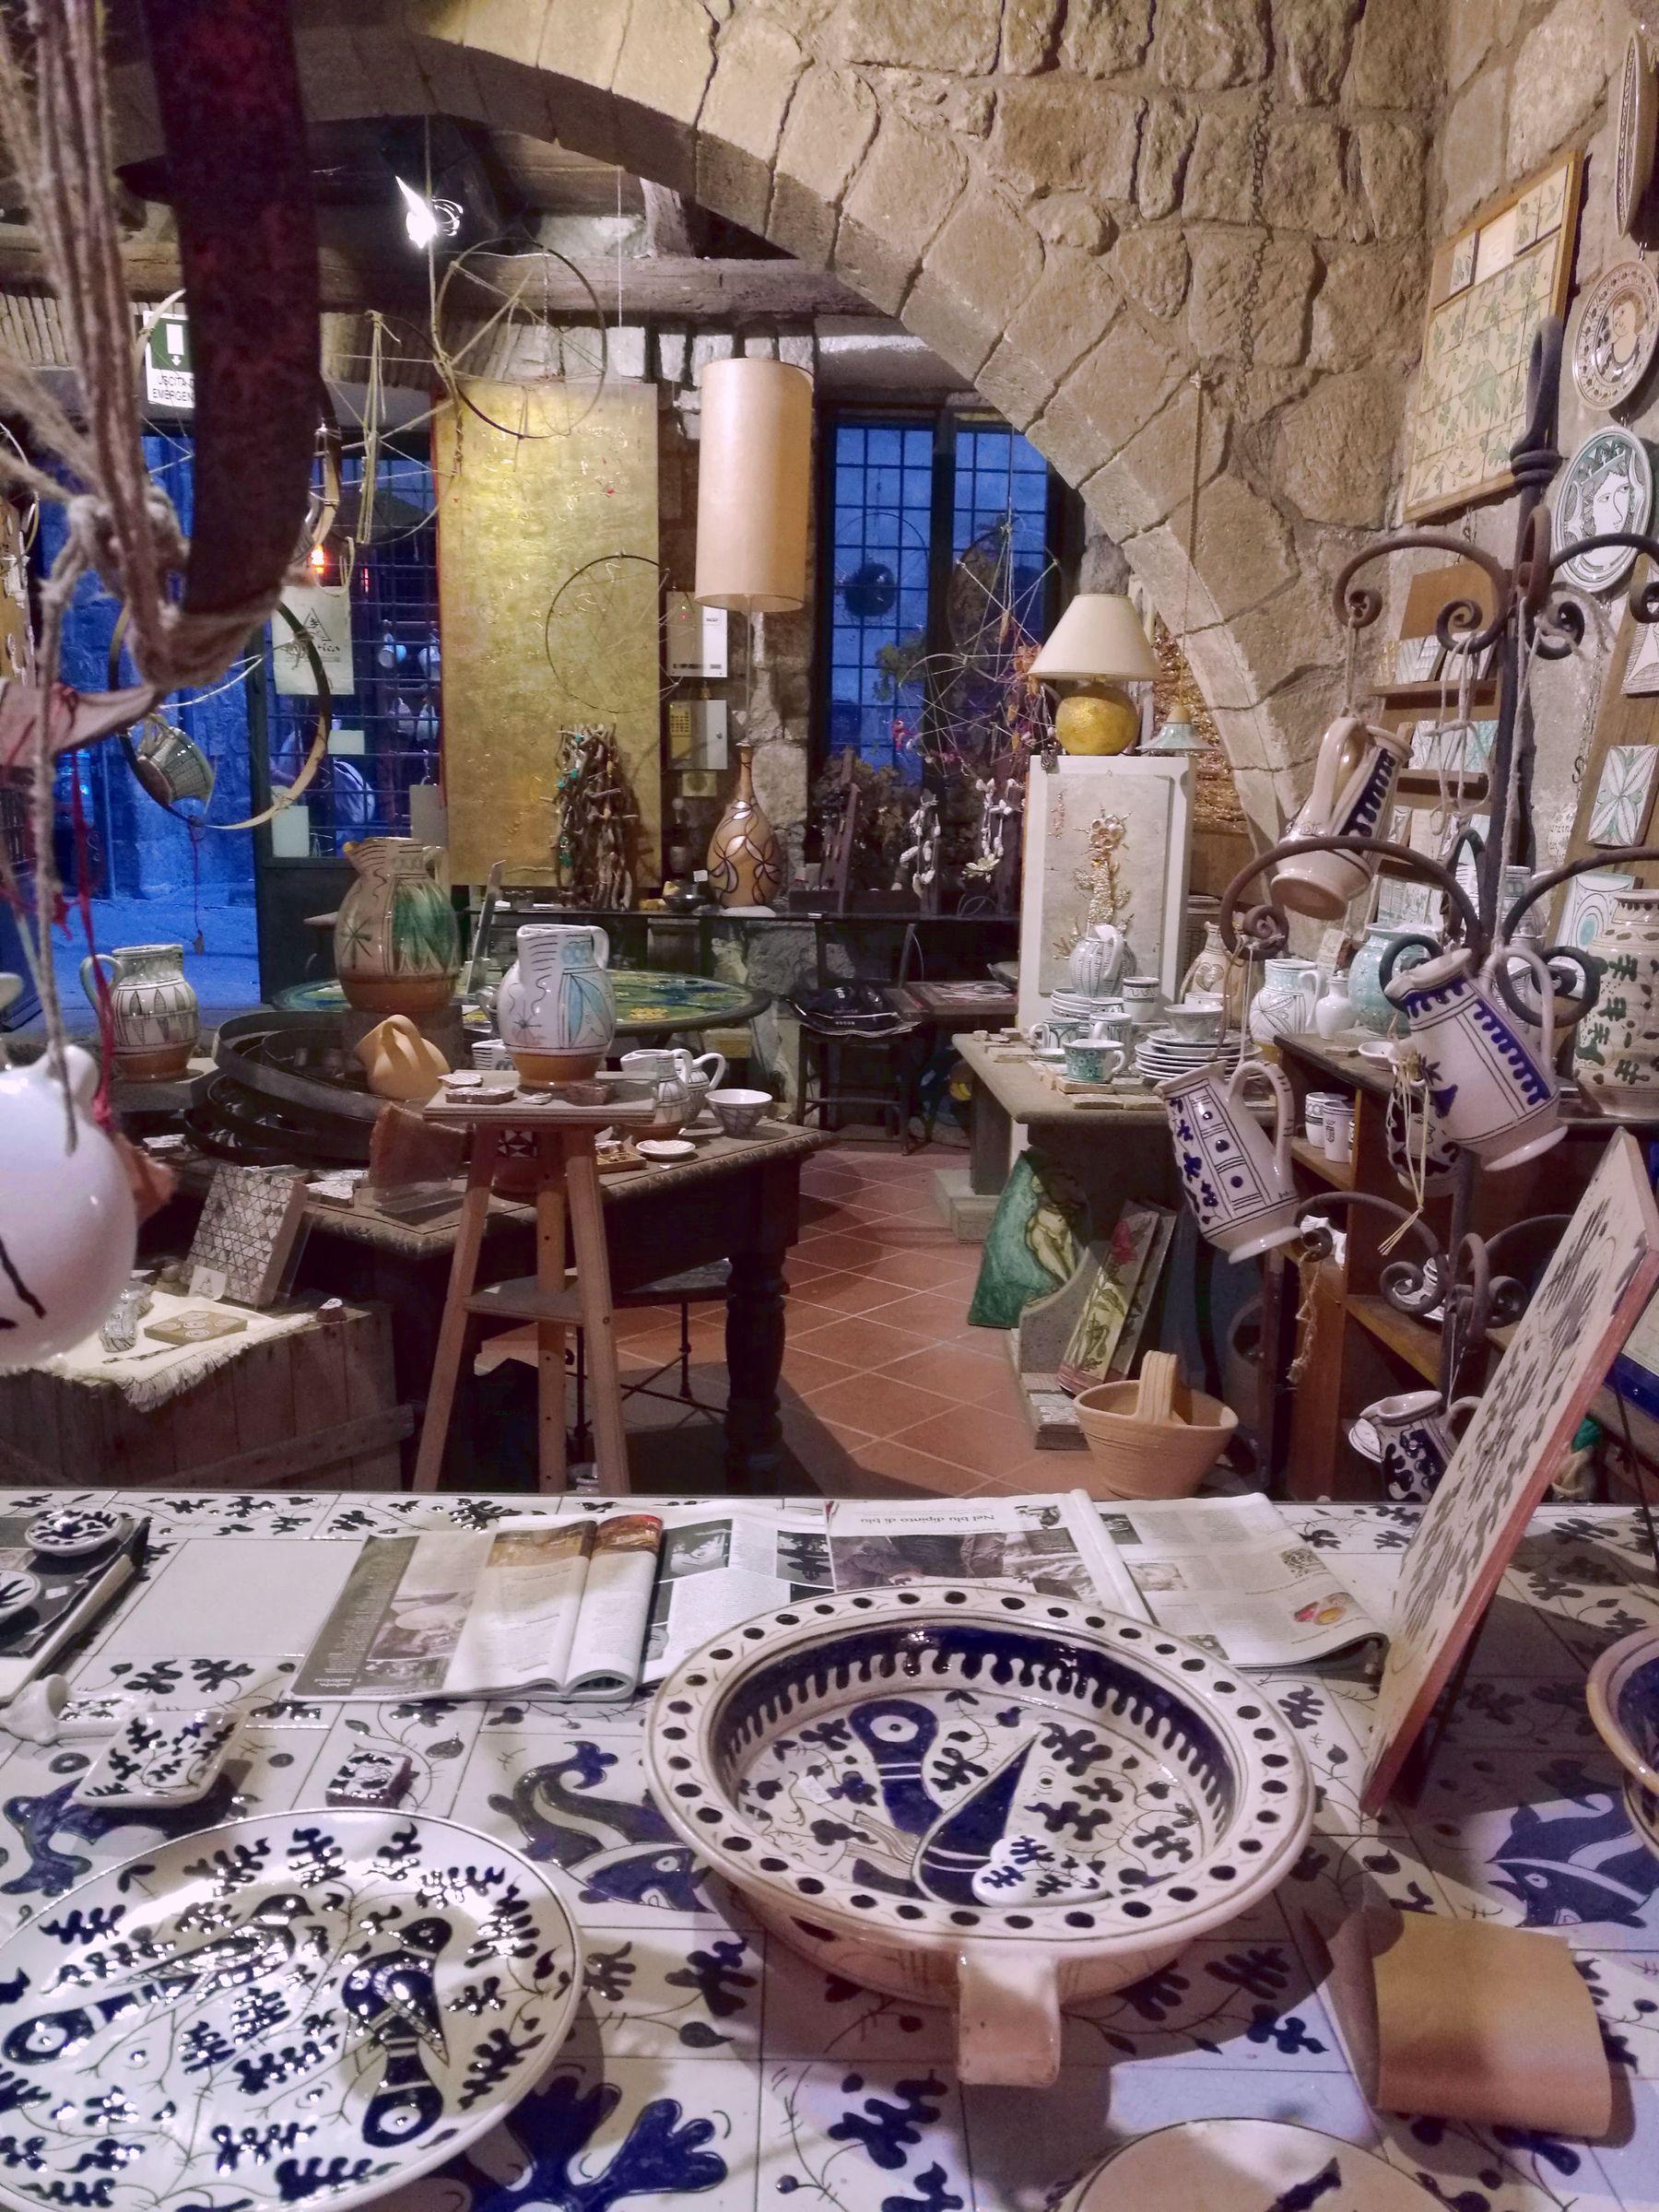 ARTISTICA laboratorio di ceramica. Viterbo Blossom zine viaggio Promi Tuscia (1)